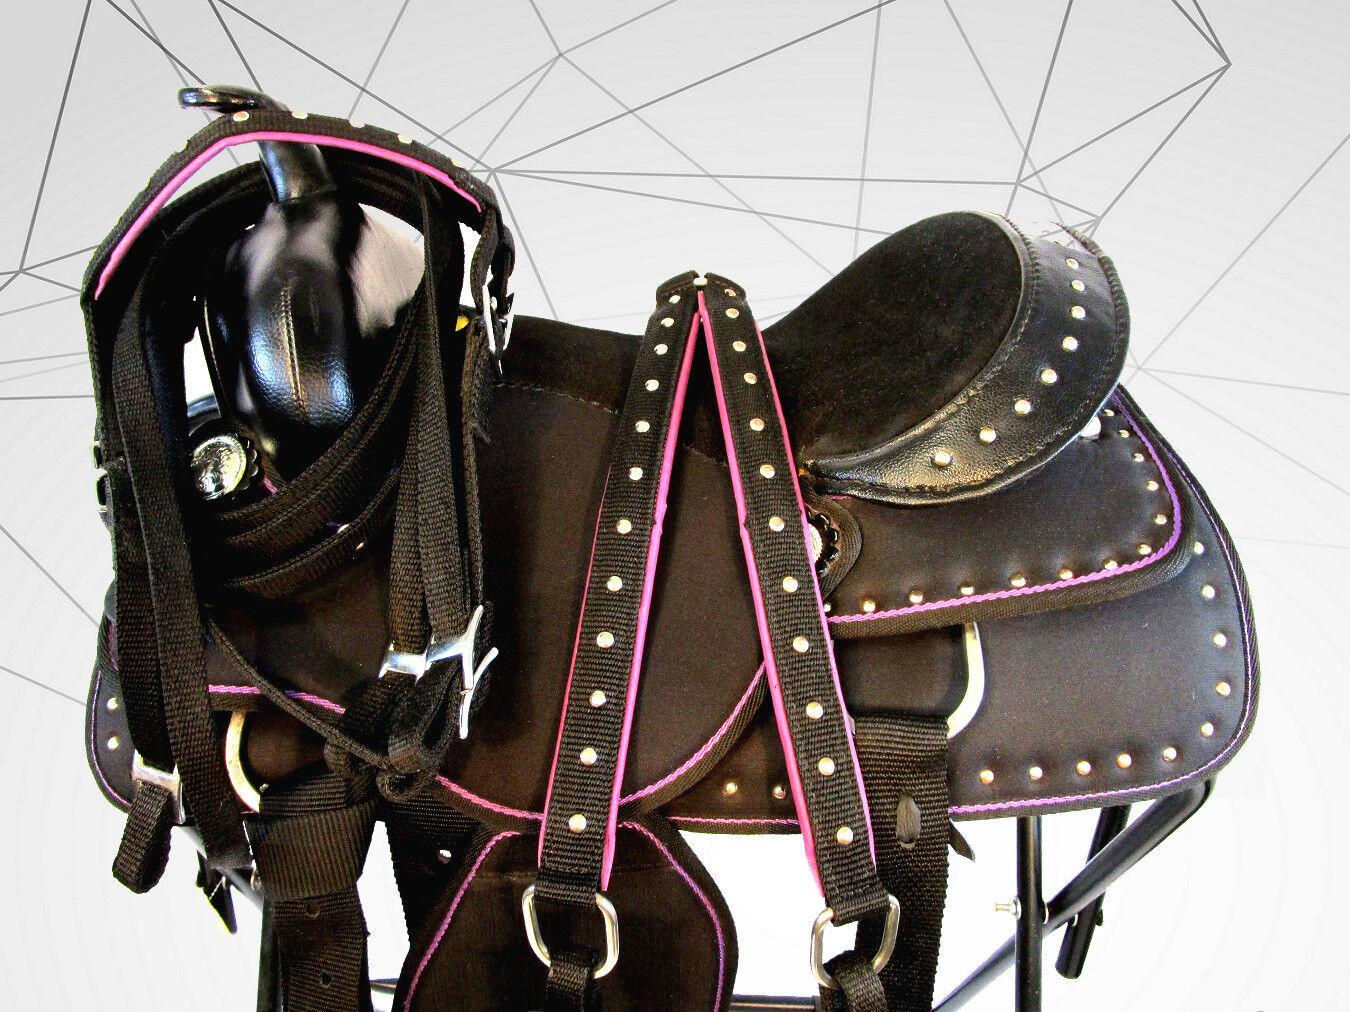 15 16  Plata Show Rodeo placer Bling Con Tachas silla de montar silla de montar caballo  marca de lujo